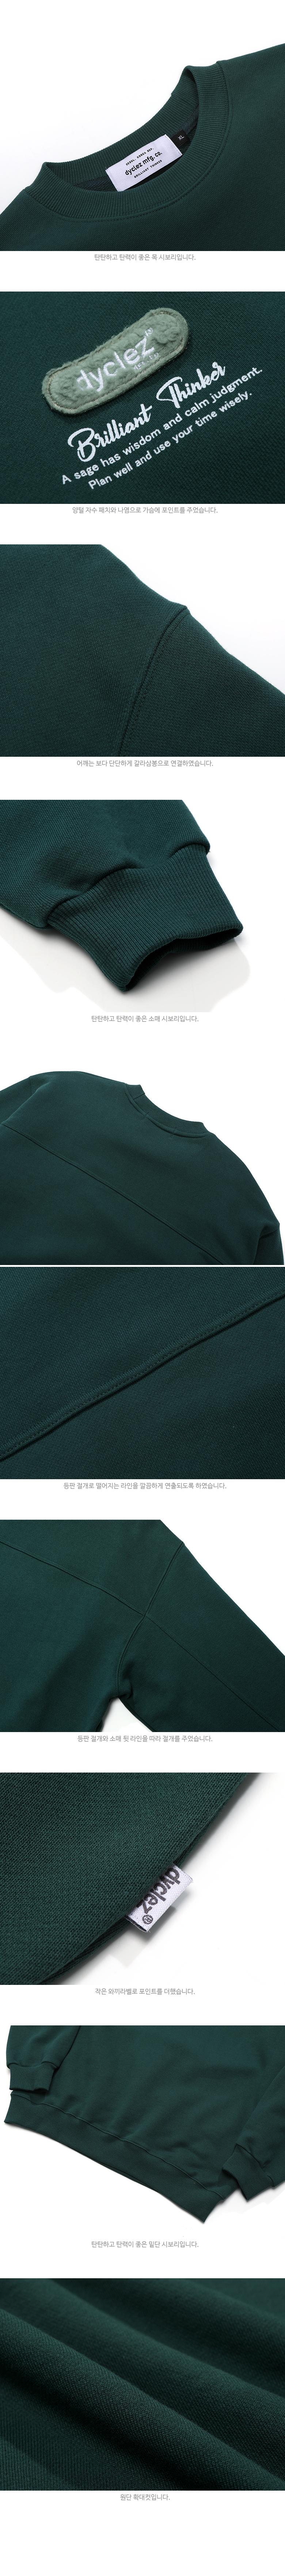 KHMT5115_detail_green_02.jpg